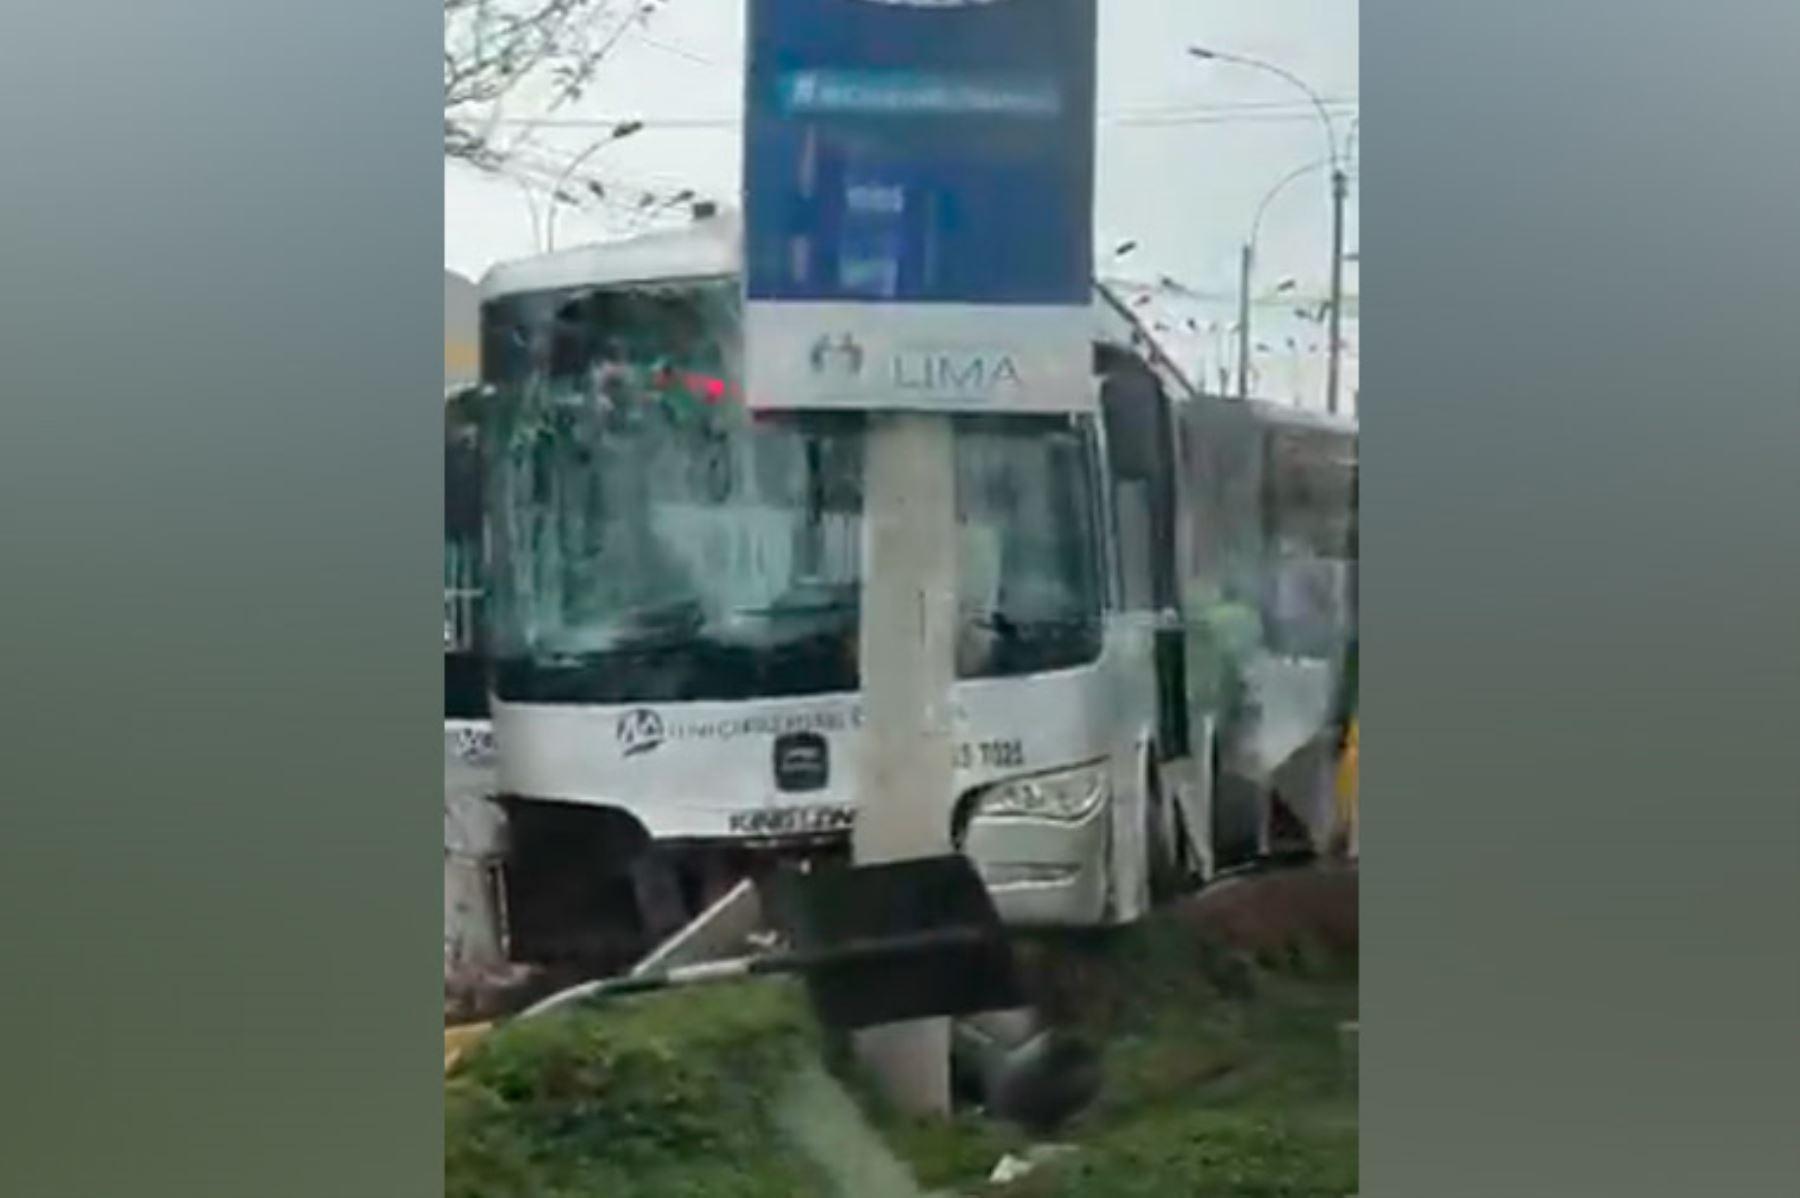 La ATU lamentó el accidente ocurrido en la vía troncal del Metropolitano, en el que resultaron afectados 15 usuarios. Foto: ANDINA/Internet